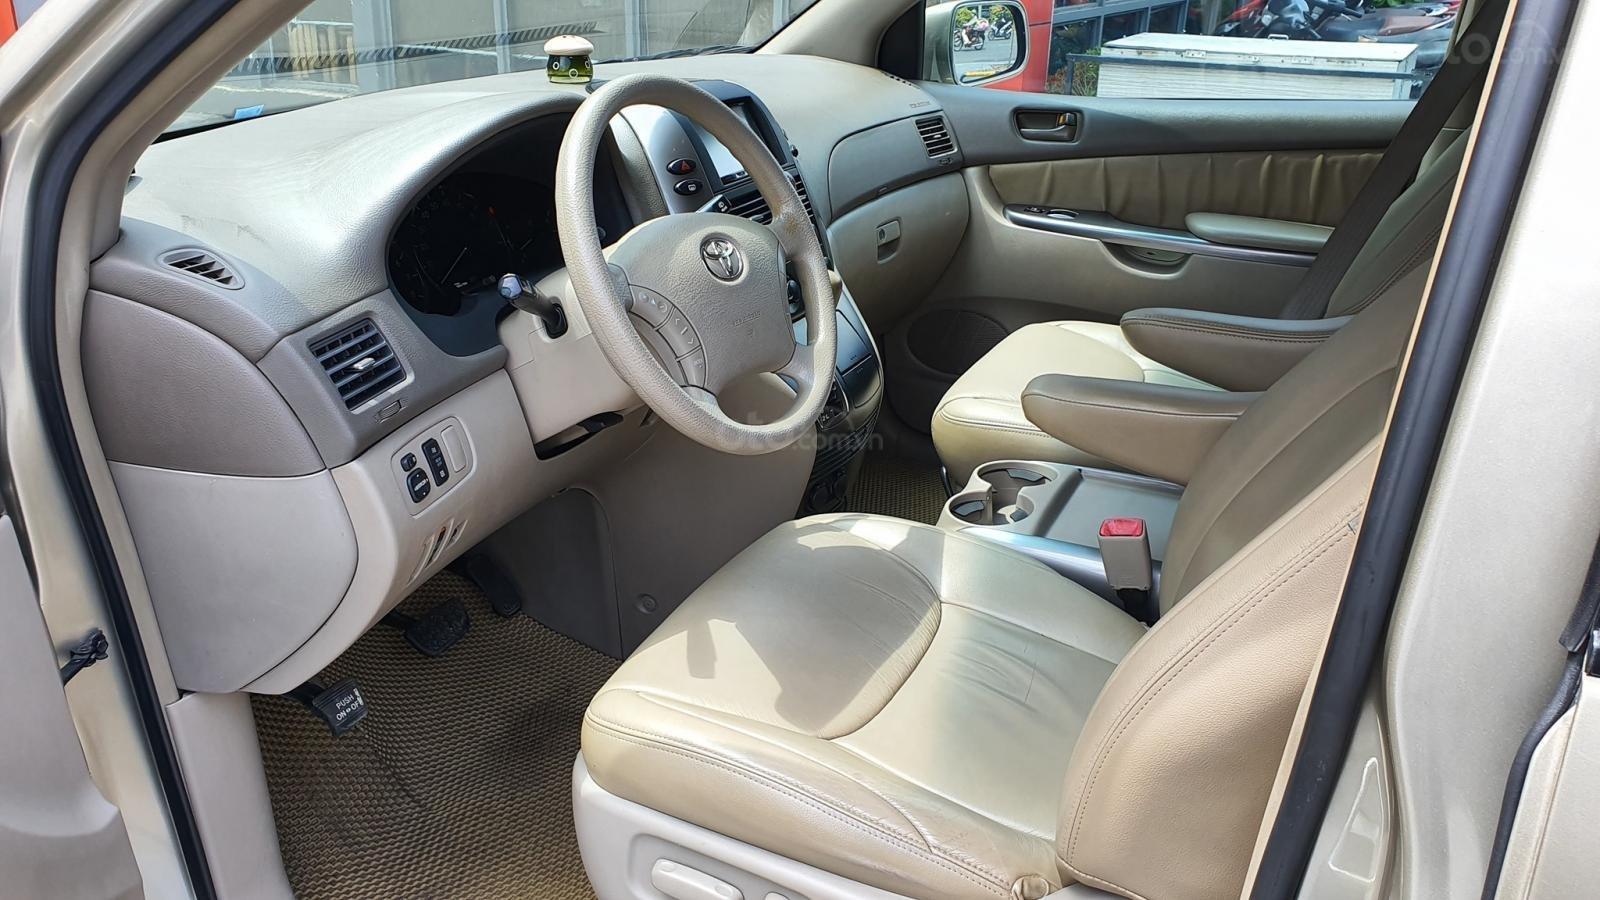 Cần bán xe Toyota Sienna LE 3.5 sản xuất 2008 màu vàng, nhập khẩu (14)